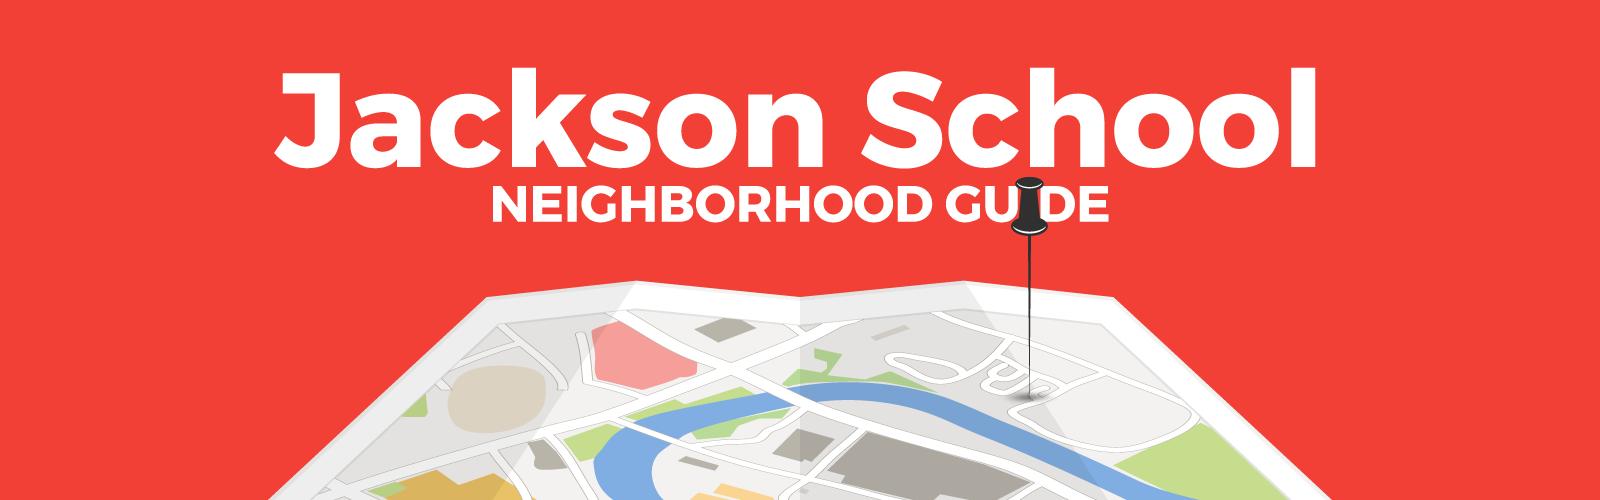 Jackson School Portland Metro Neighborhood Guide